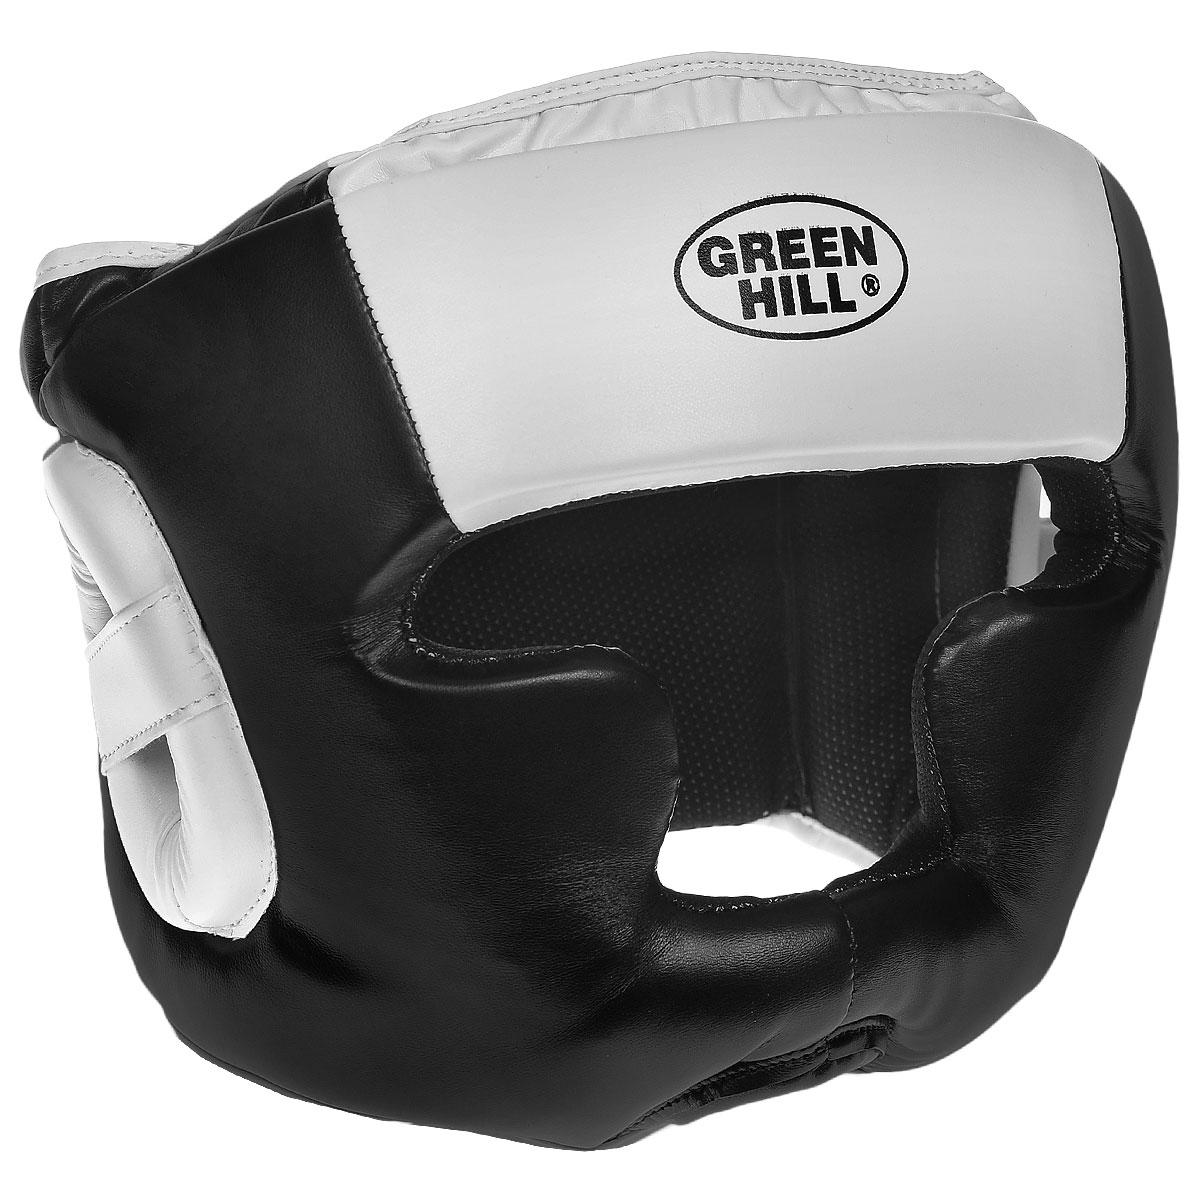 Шлем тренировочный Green Hill Poise, цвет: черный, белый. Размер S (48-53 см)HGP-9015Тренировочный шлем Green Hill Poise предназначен для защиты головы от повреждений во время занятий боксом и кикбоксингом. Выполнен из высококачественной искусственной кожи с плотным наполнителем внутри, внутренняя поверхность отделана тканевой пористой подкладкой. Шлем имеет усиленную защиту в области ушей, скул, подбородка и темени. Застежки-липучки на затылке крепко удерживают шлем на голове. Крепления регулируемые в ширину и по высоте, благодаря чему шлем можно подогнать четко под свой размер. Обеспечивает достаточную защиту и обзор во время поединка.